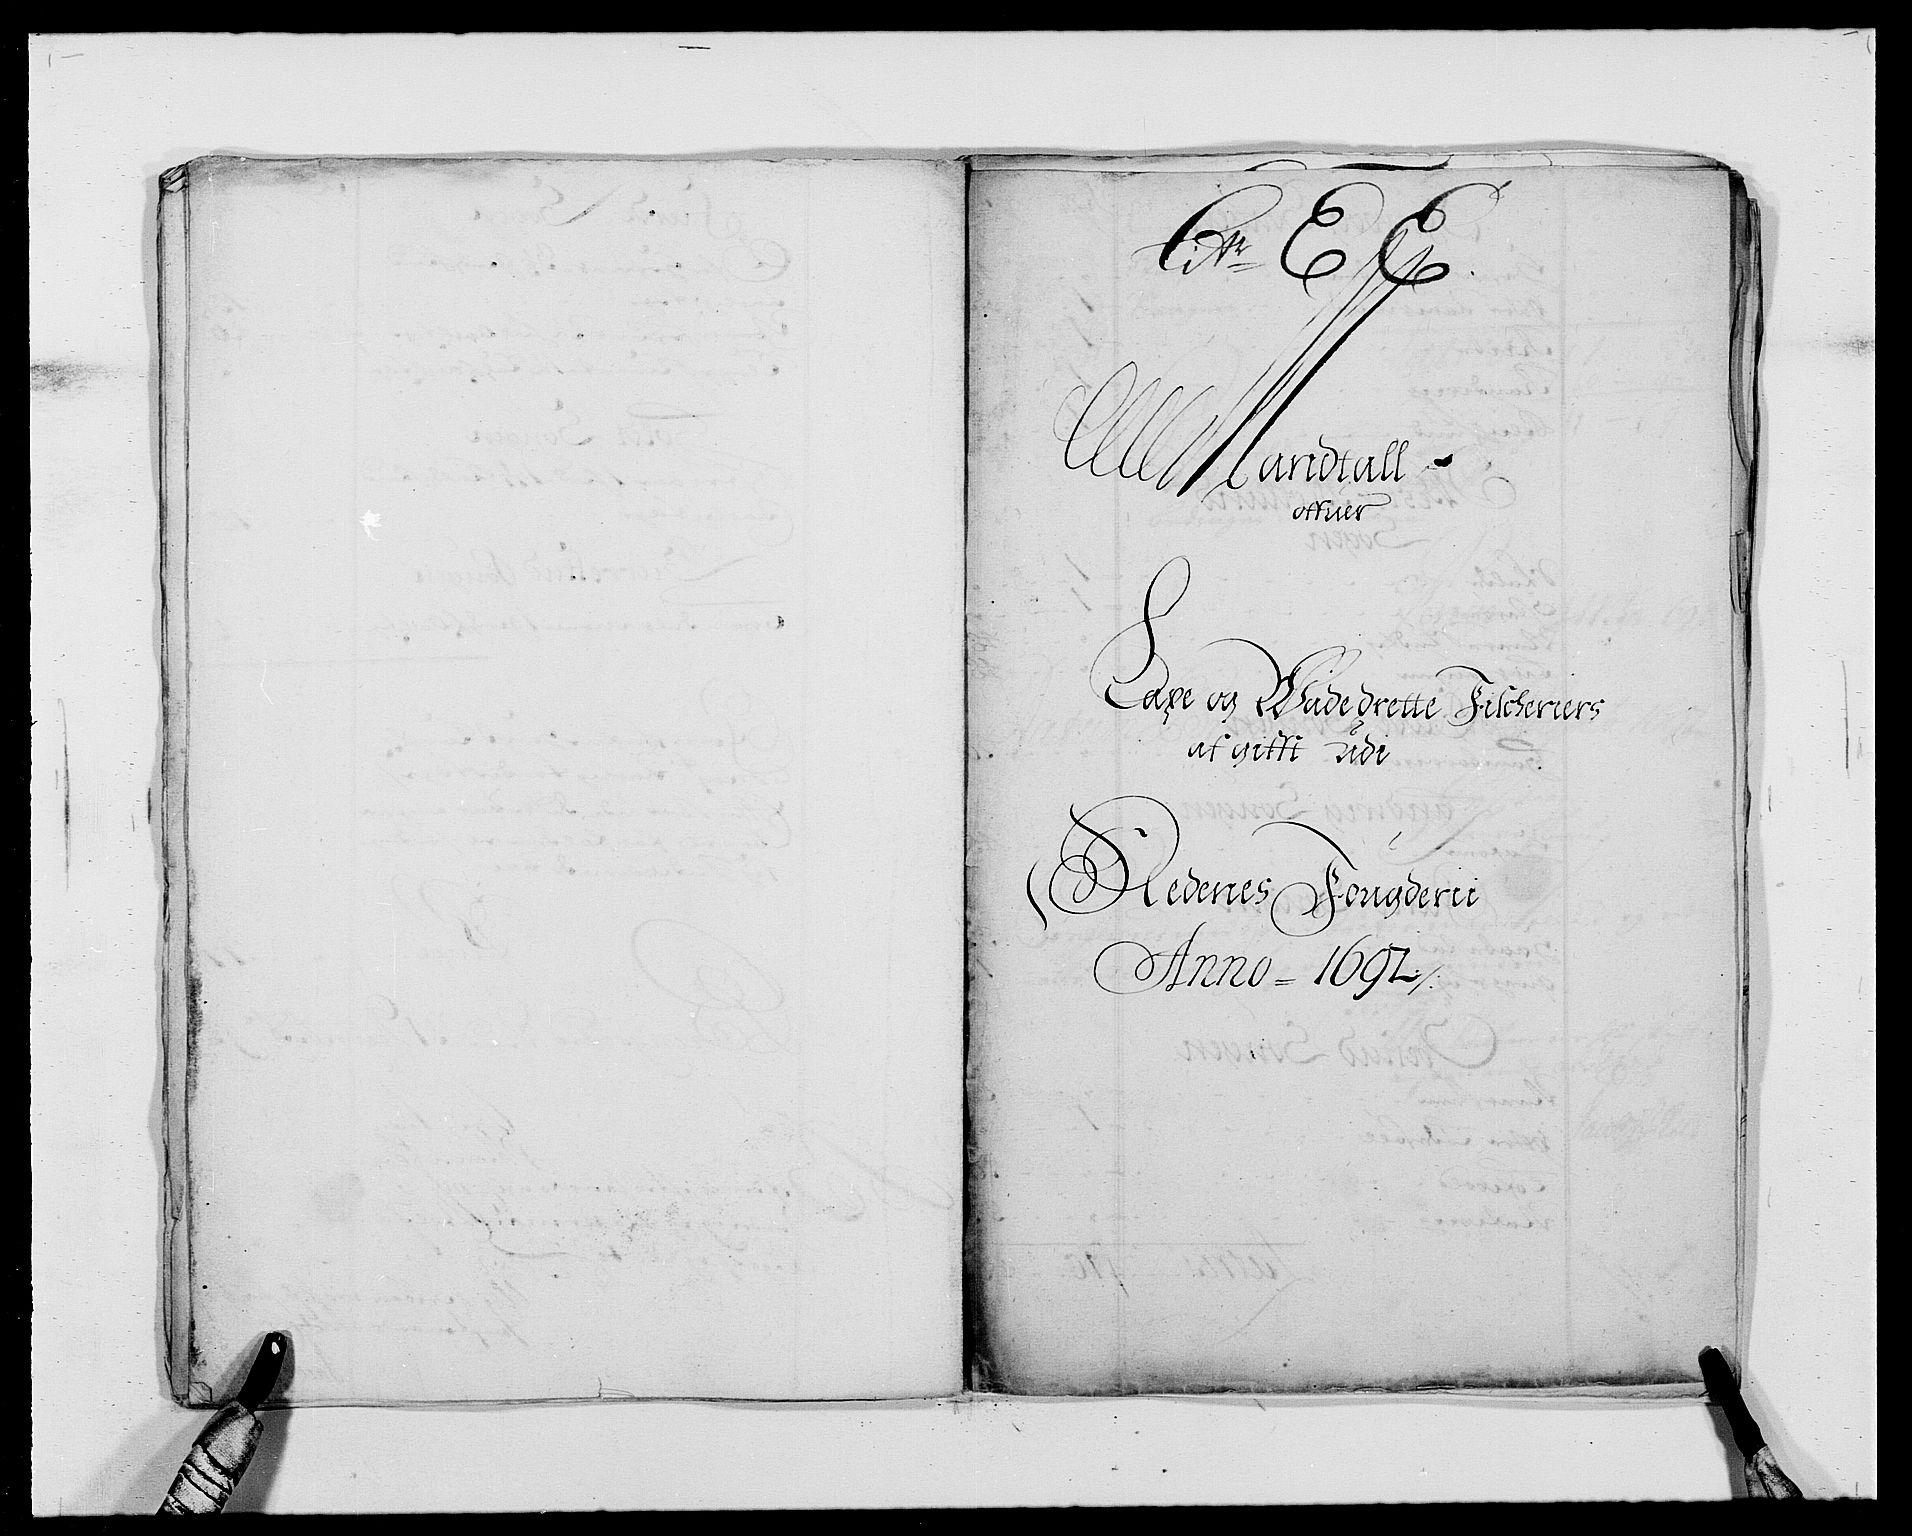 RA, Rentekammeret inntil 1814, Reviderte regnskaper, Fogderegnskap, R39/L2311: Fogderegnskap Nedenes, 1690-1692, s. 156